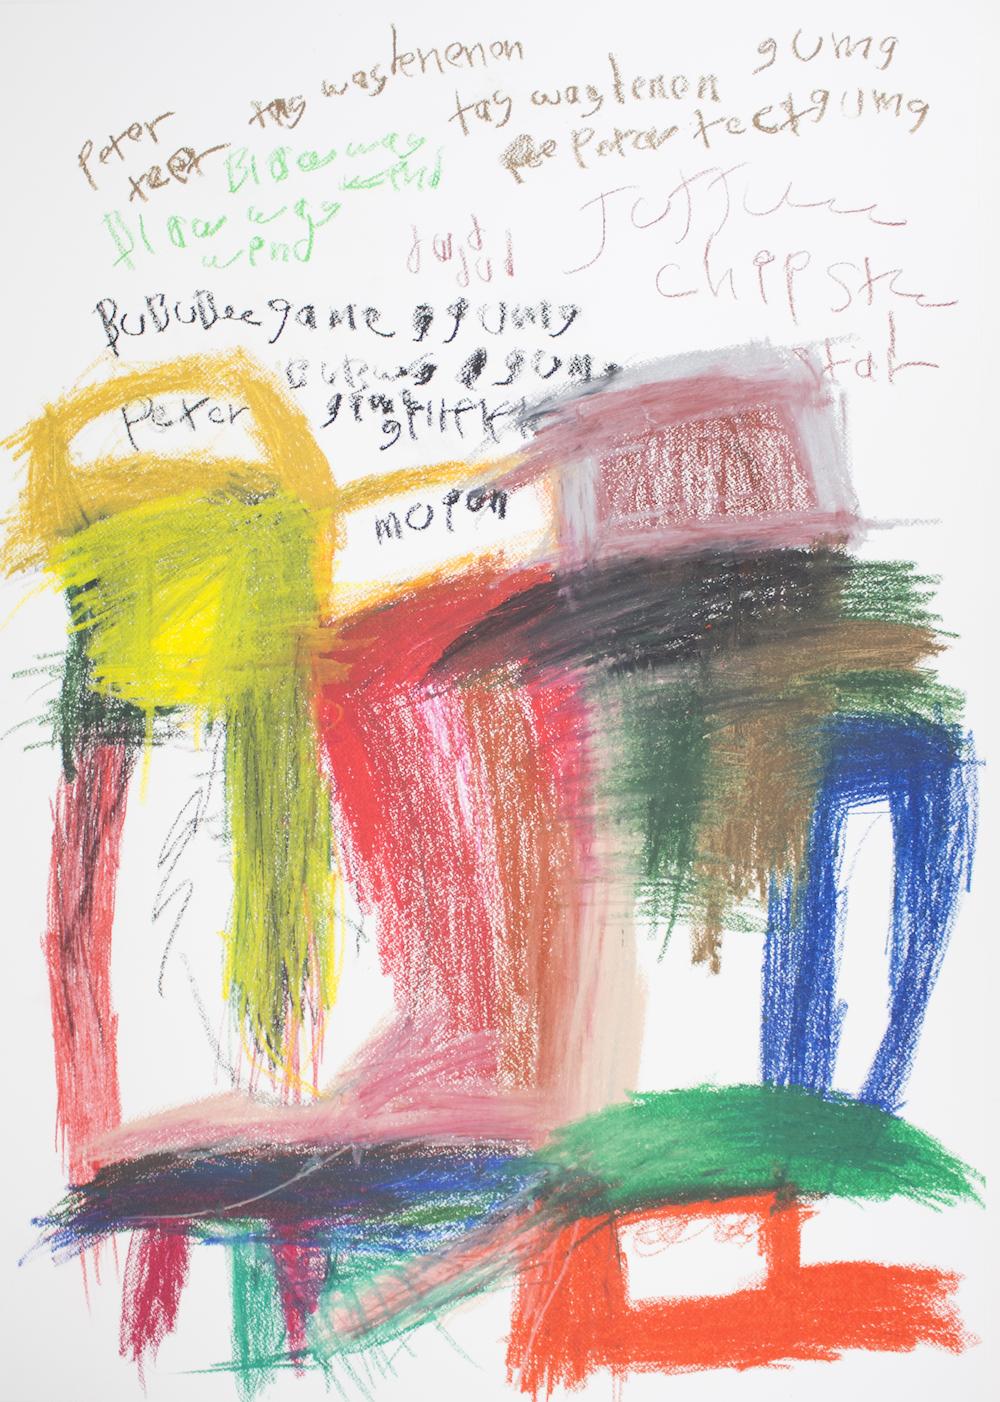 Peter Portraits, 2018, oil pastel on paper, 70x100cm